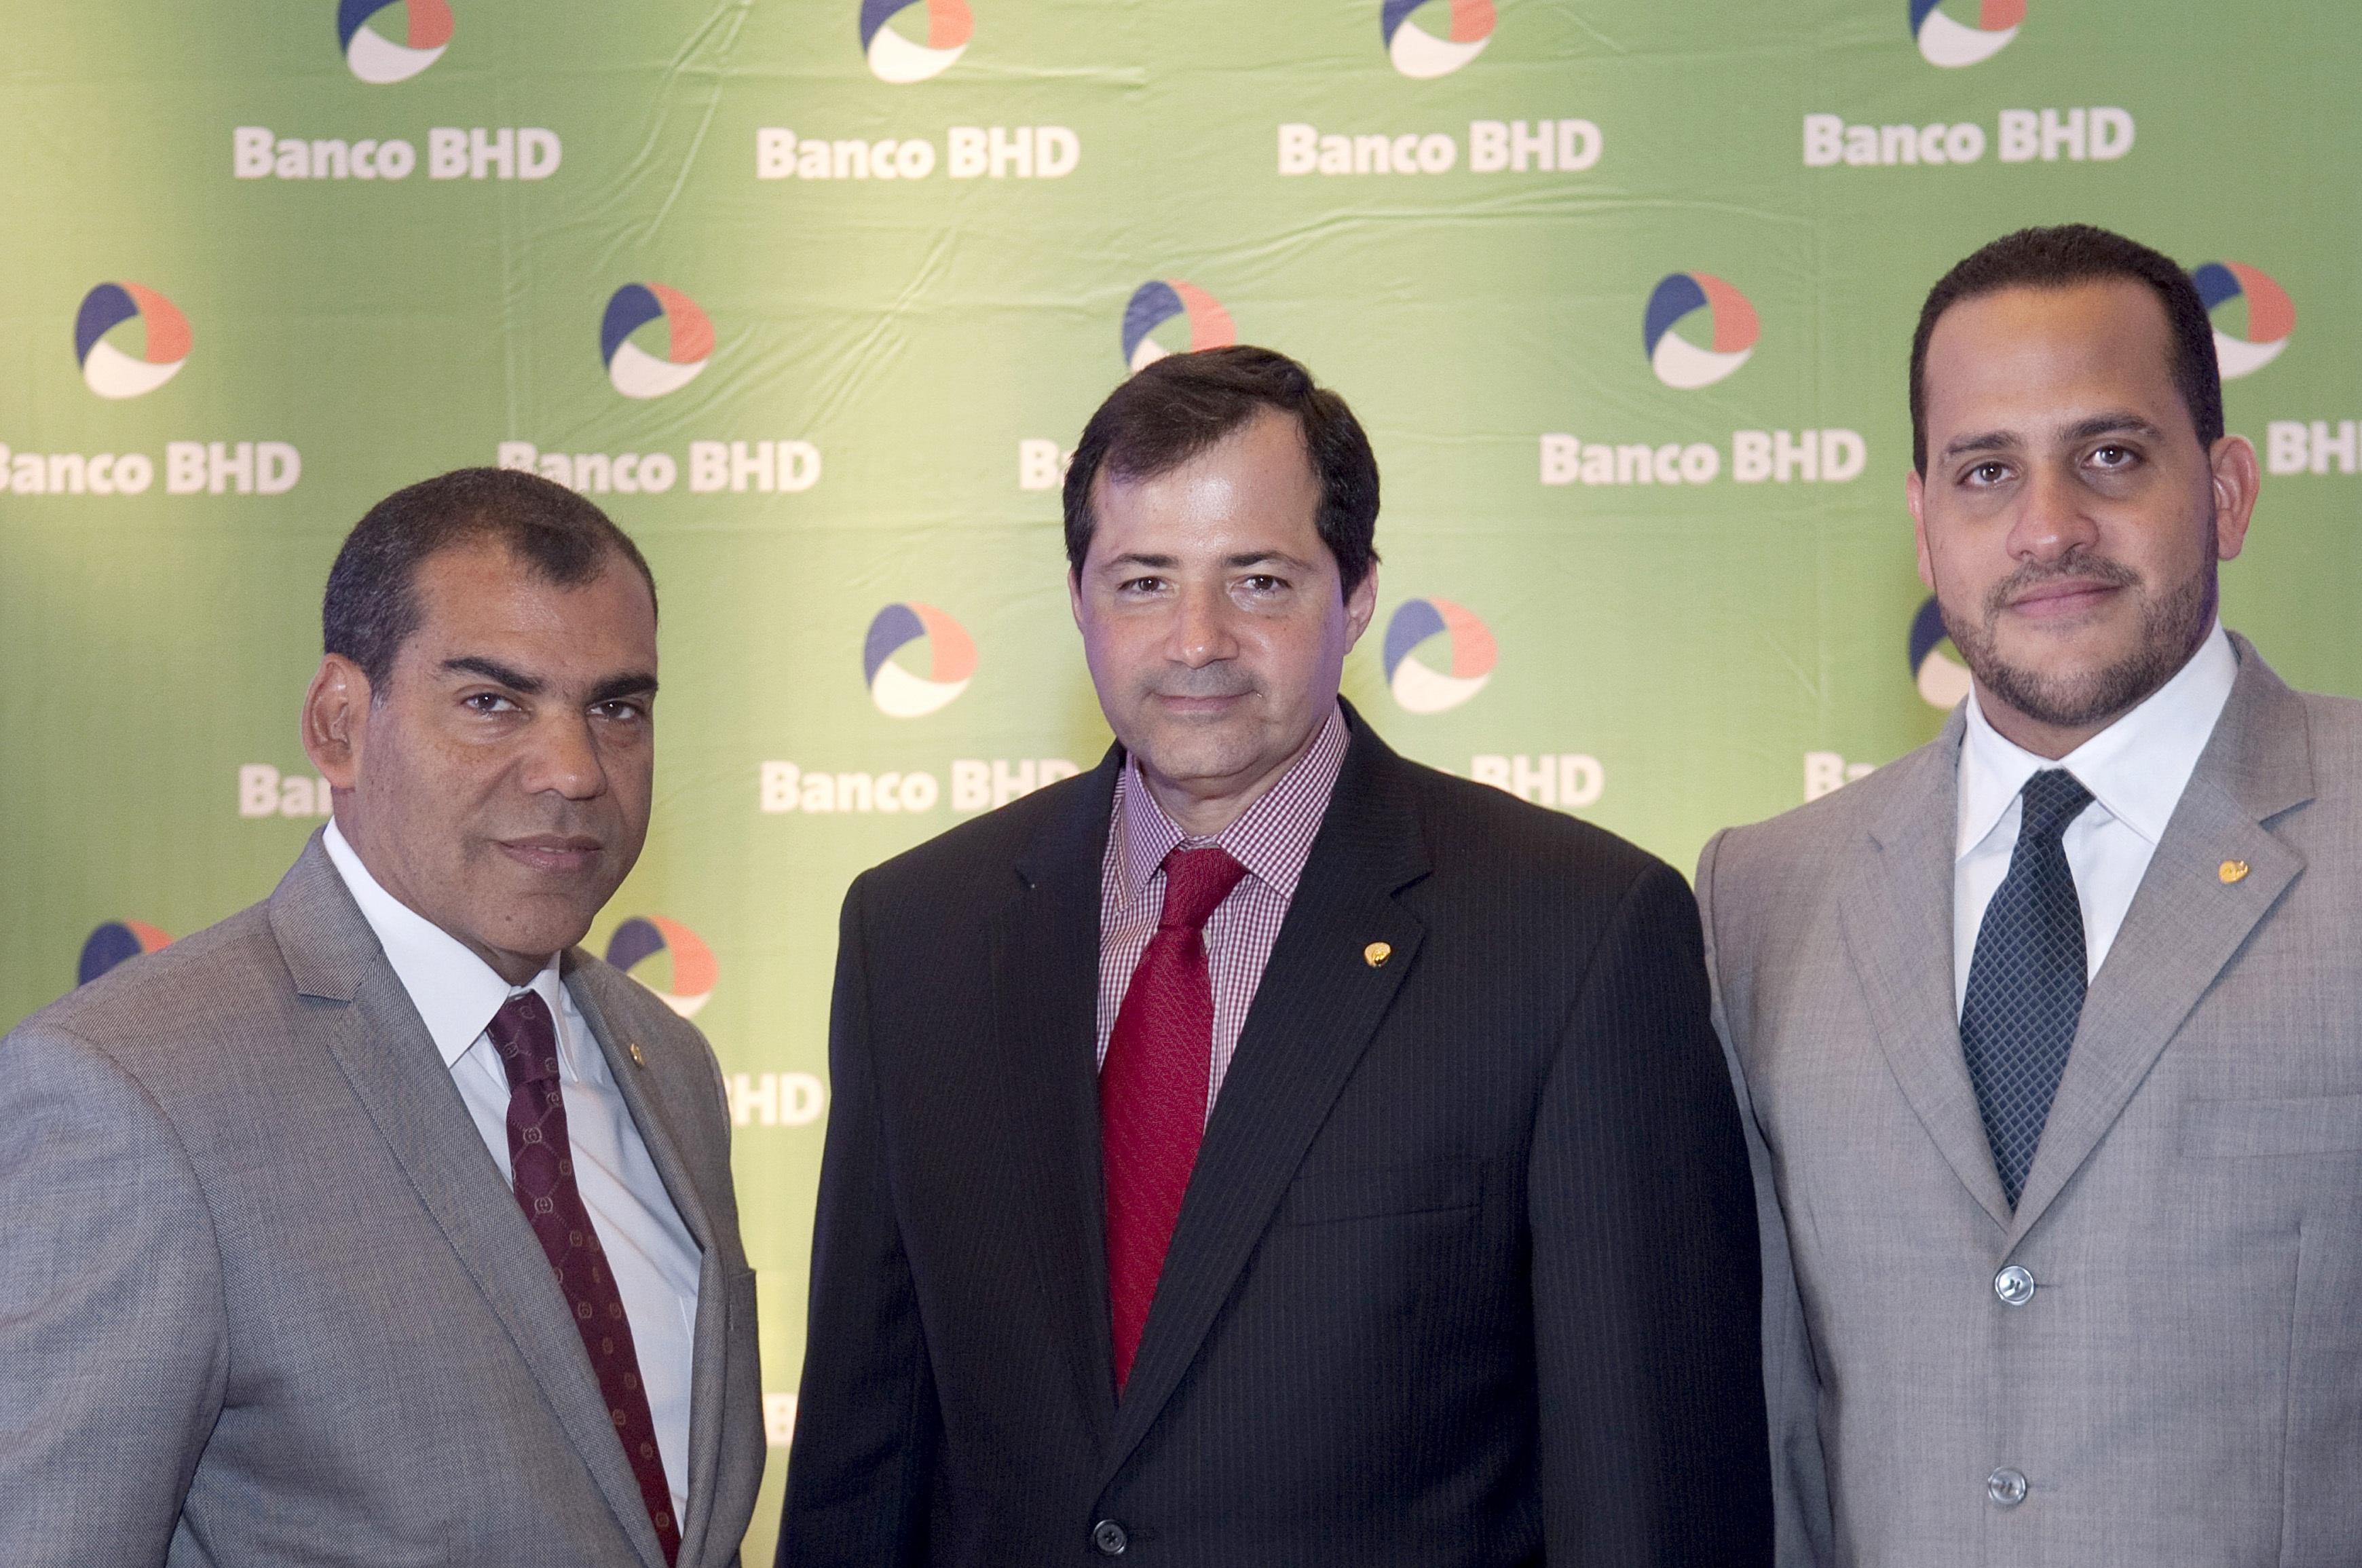 BHD presenta nueva tarjeta para incentivar el ahorro